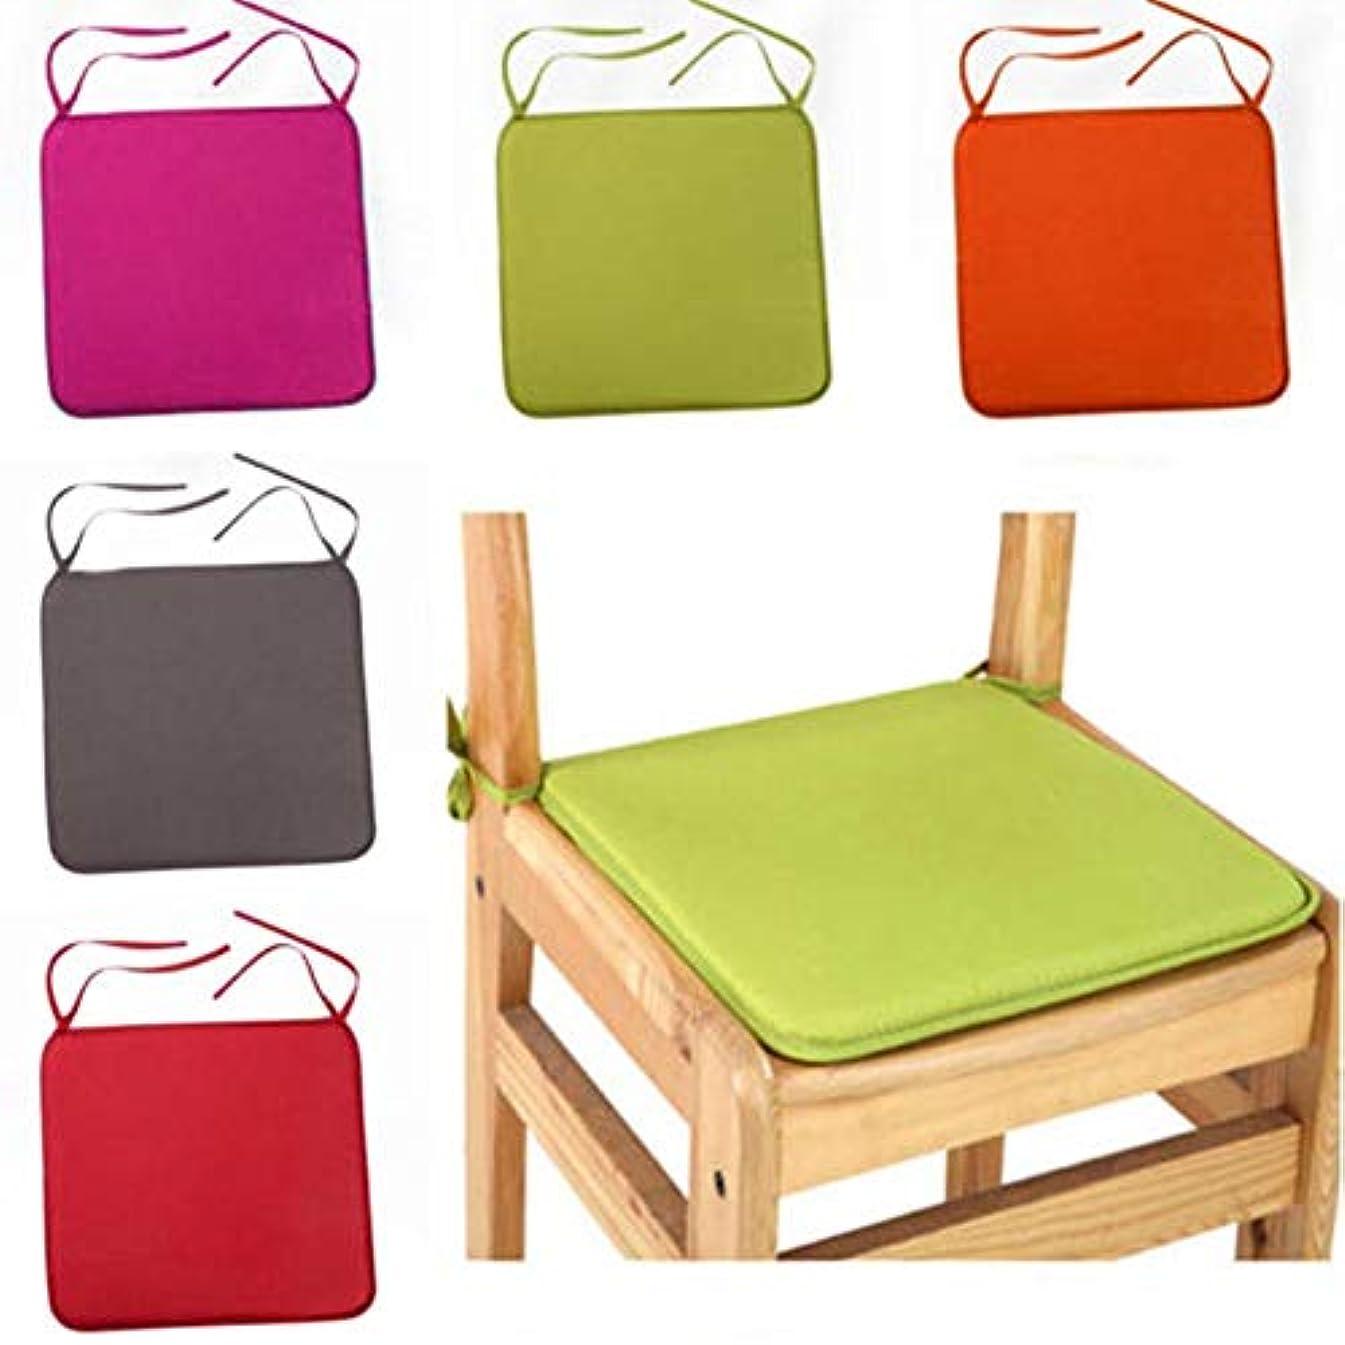 クレタ執着通知LIFE 40 × 40 センチメートルの椅子のクッションシートダイニング椅子屋外屋内キッチンスクエアソフトネクタイ椅子パッドホーム装飾 クッション 椅子